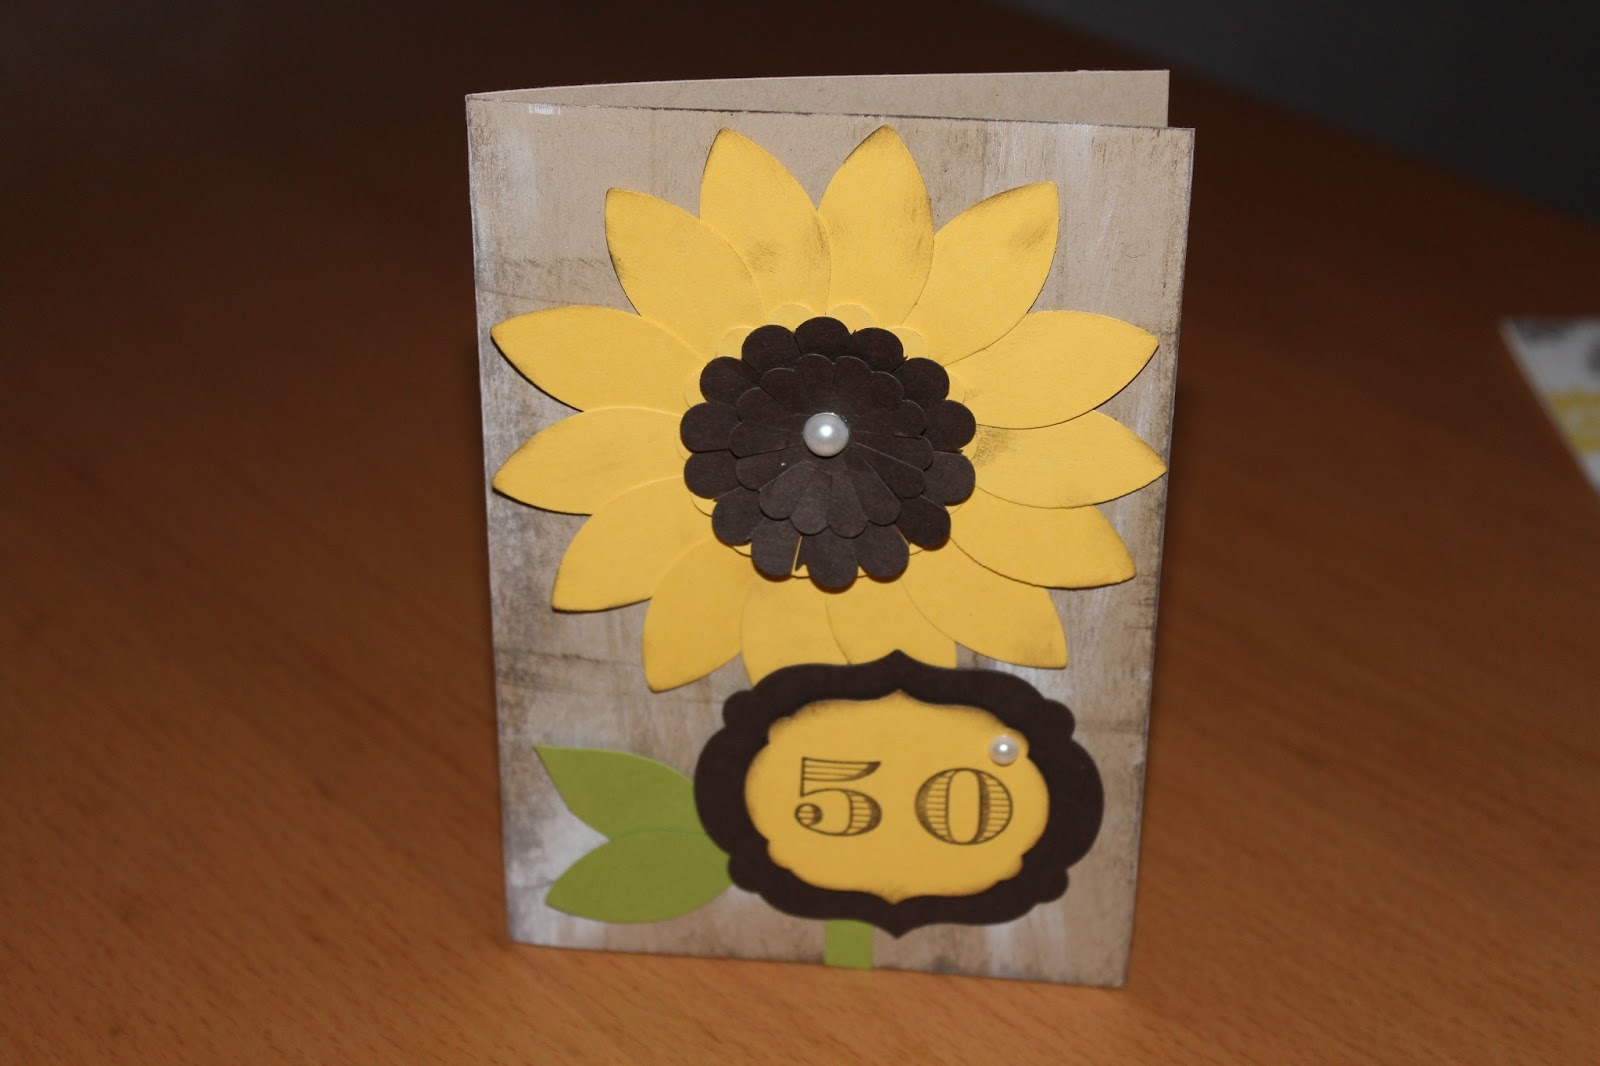 Für Eine Einladungskarte Zum 50. Geburtstag Mit Sonnenblumen Wünschte Sich  Eine Sehr, Sehr, Nette Nachbarin Von Mir. Ihr Wunsch War Mir Befehl! ; )